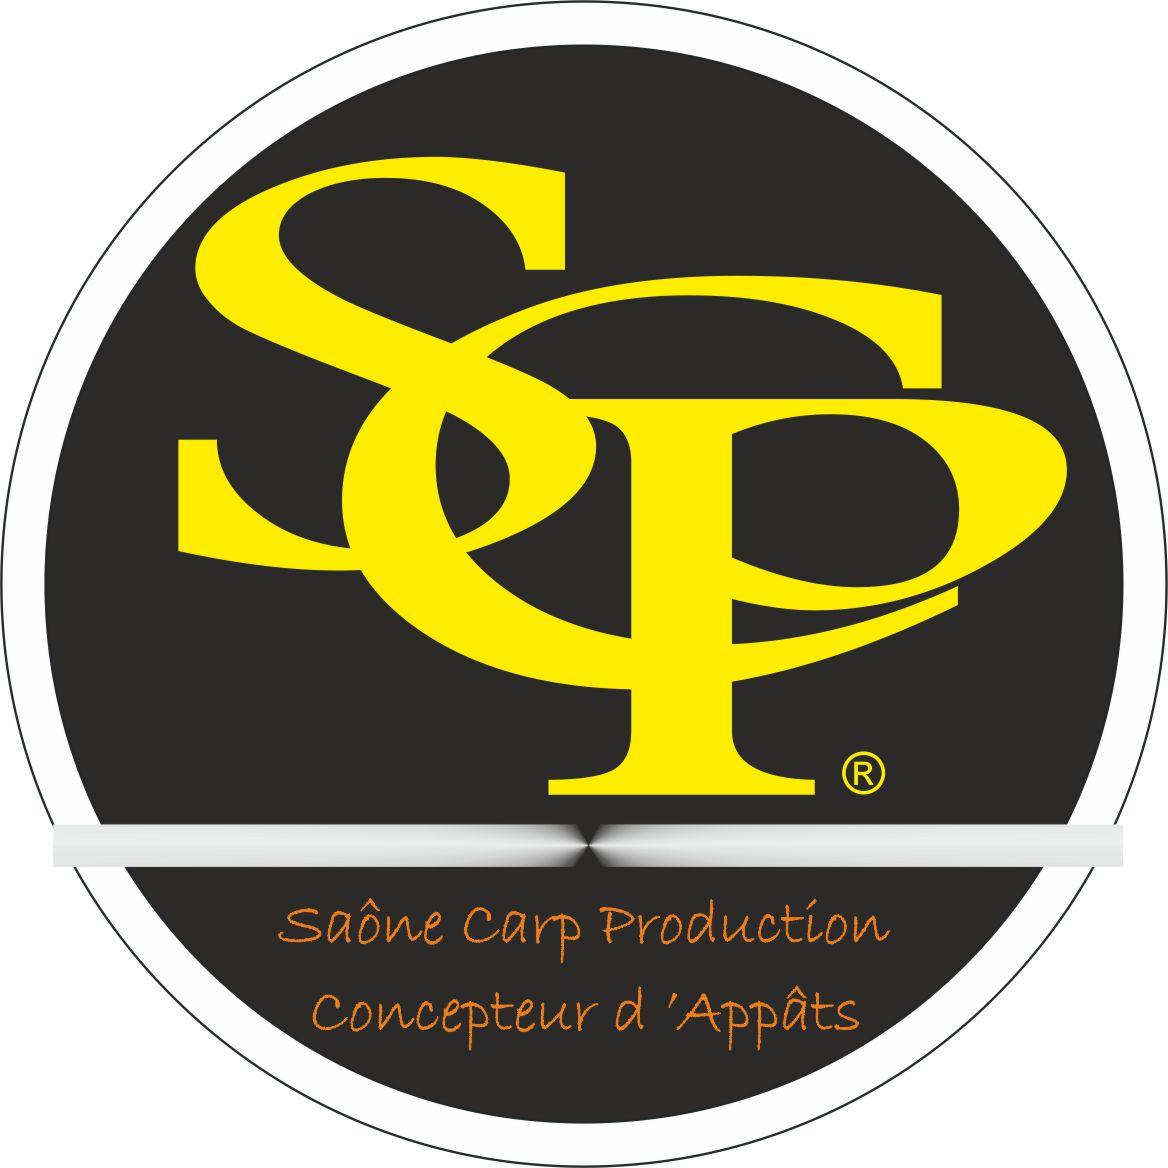 SCP-sticker.jpg